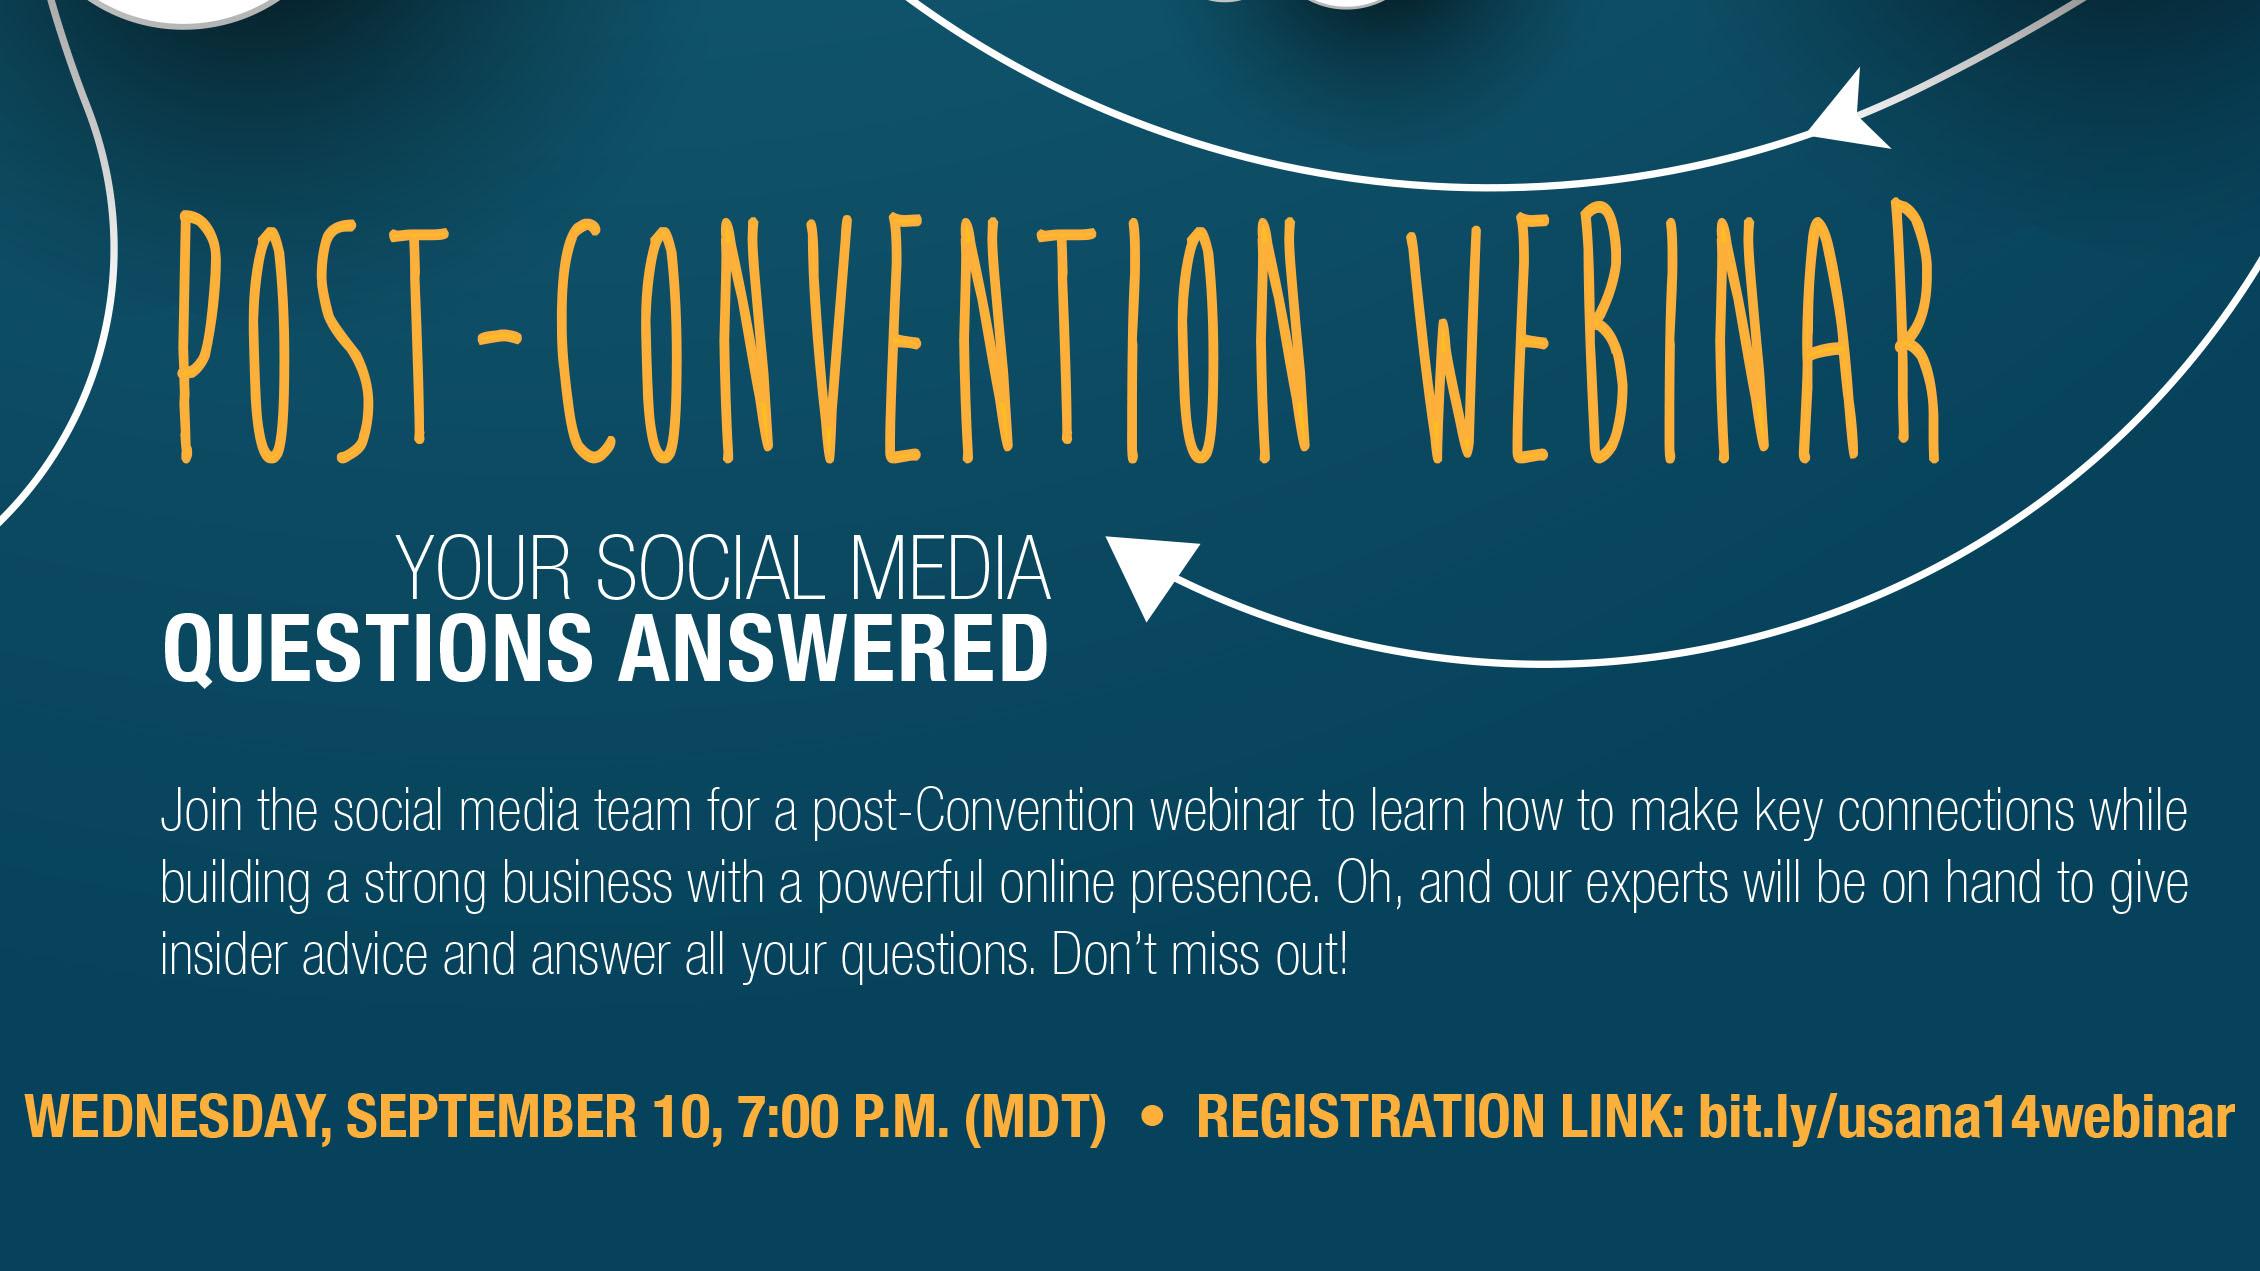 Post-Convention Social Media Webinar Flyer #USANA14